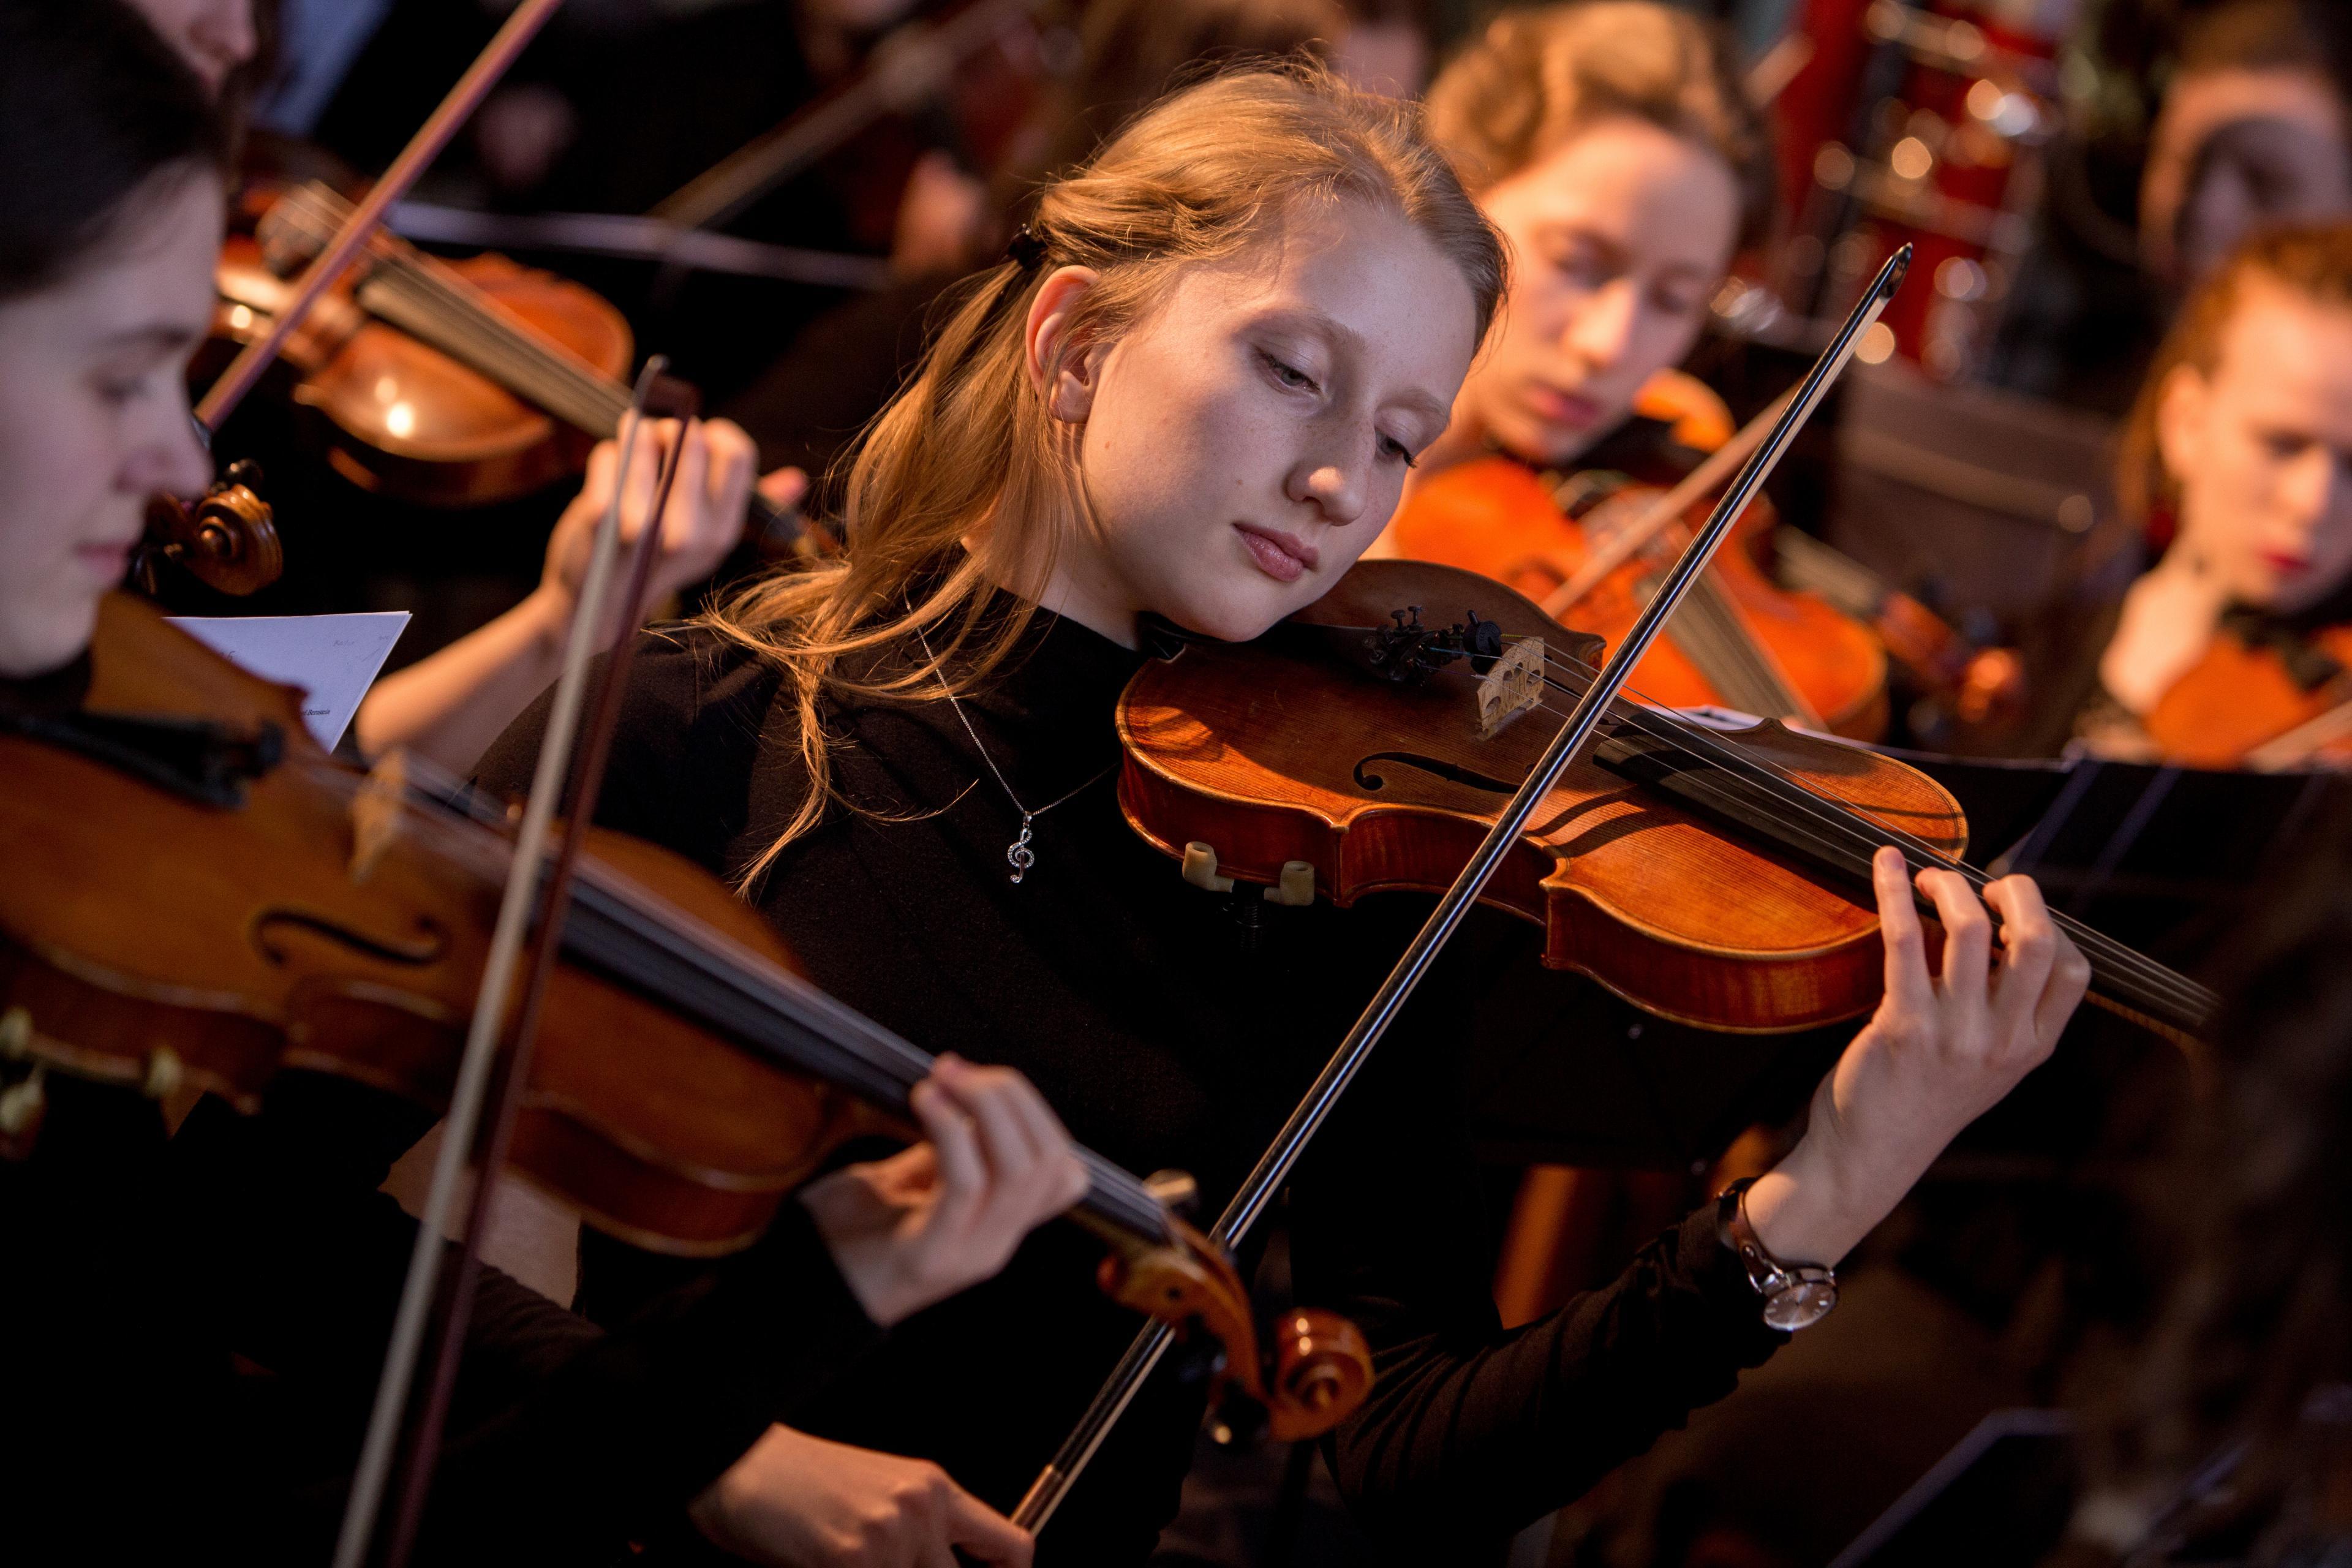 Violinistinnen der Jungen Philharmonie